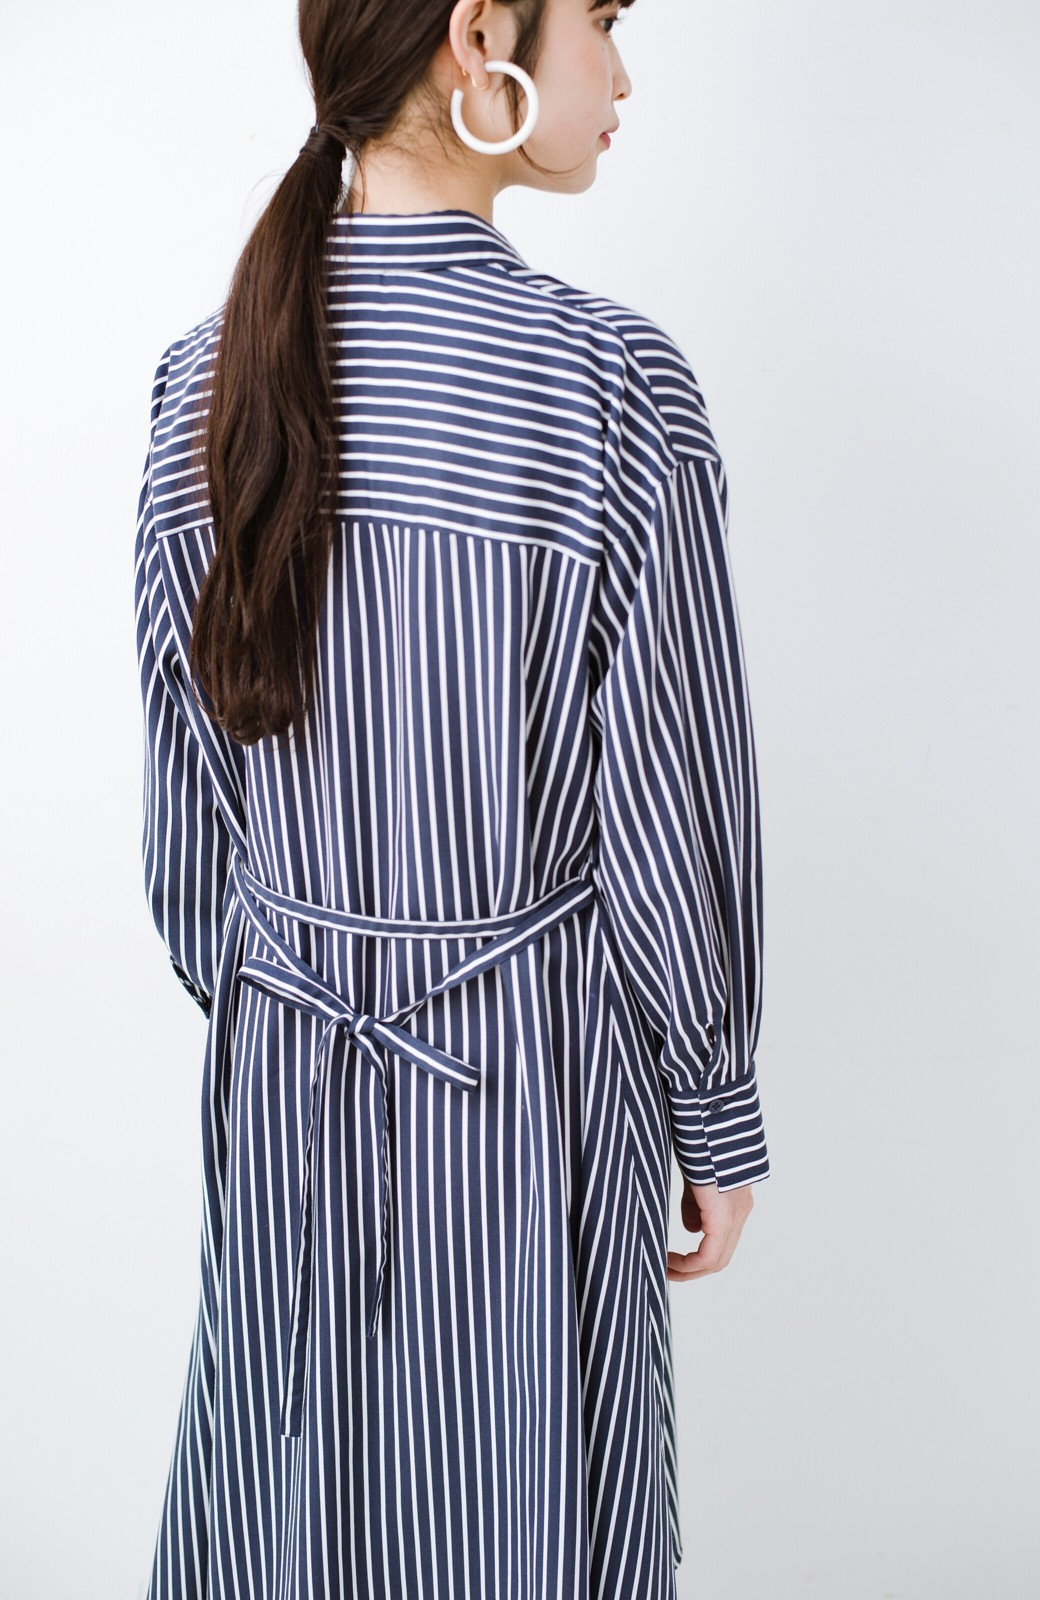 haco! 長ーーい季節着られる! 単品づかいはもちろん重ね着も楽しいシャツワンピース  <ネイビー>の商品写真25